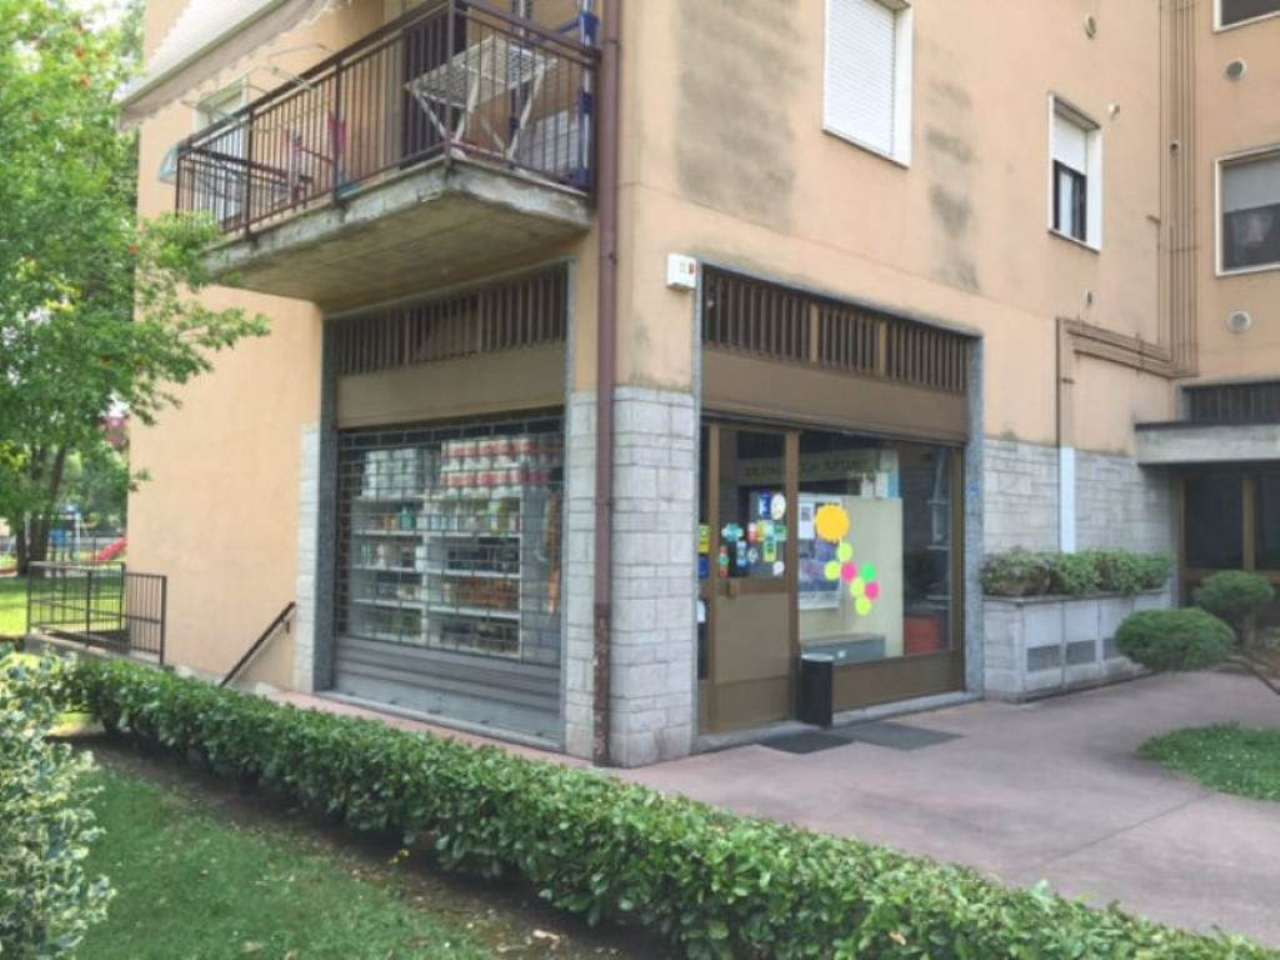 Negozio / Locale in affitto a Cassano d'Adda, 9999 locali, prezzo € 1.000 | Cambio Casa.it